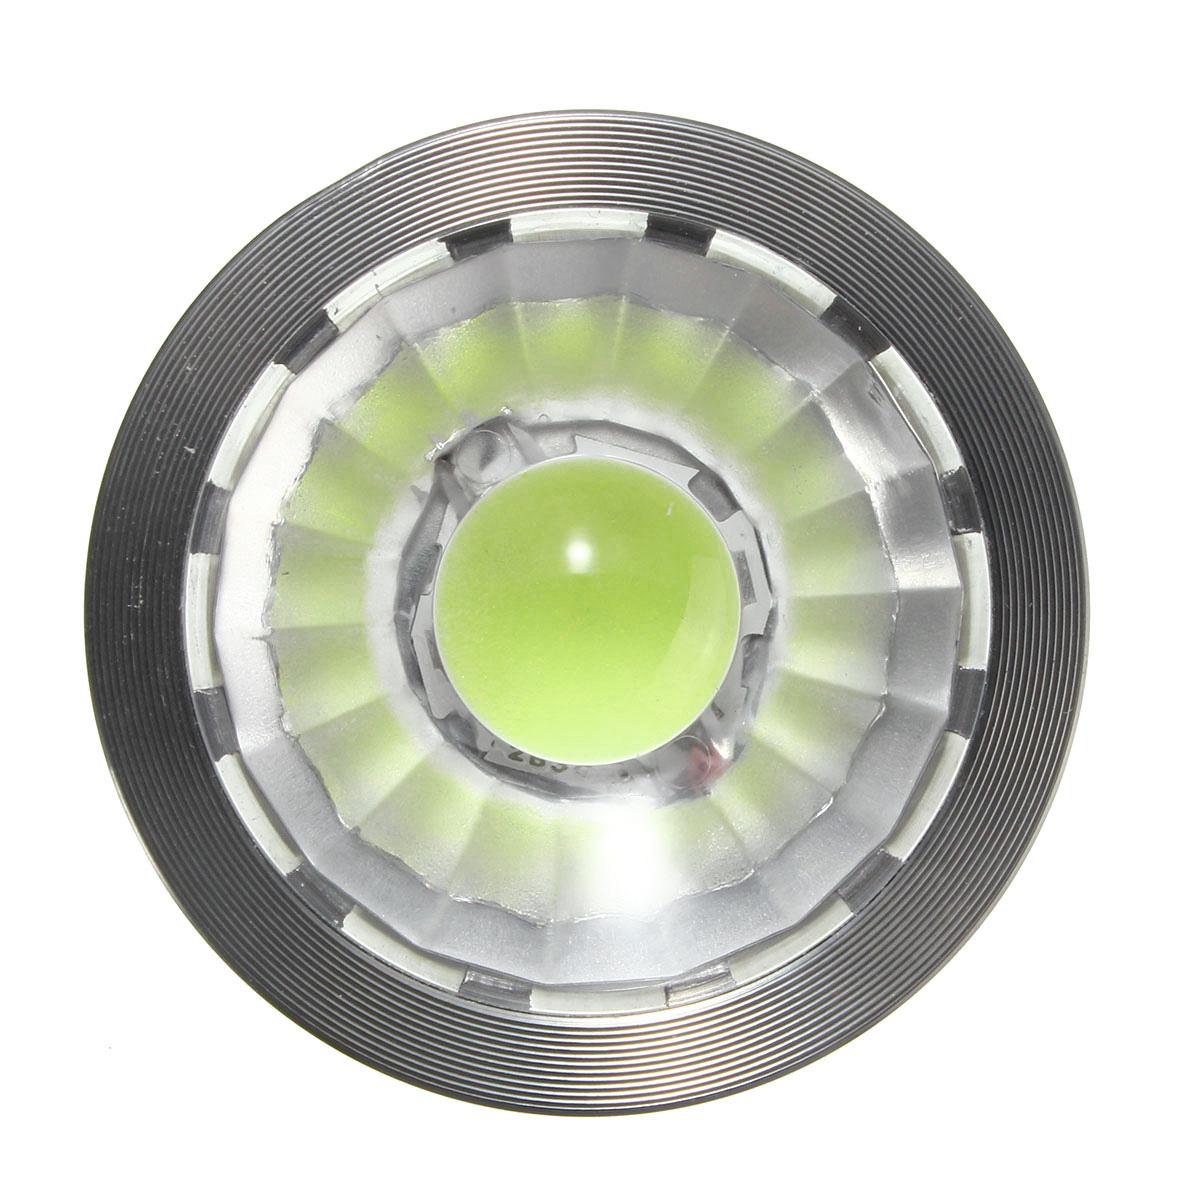 Ultra Bright LED 7W Pure White Warm White Natural White COB LED Spot Lightt Light Bulb DC12V